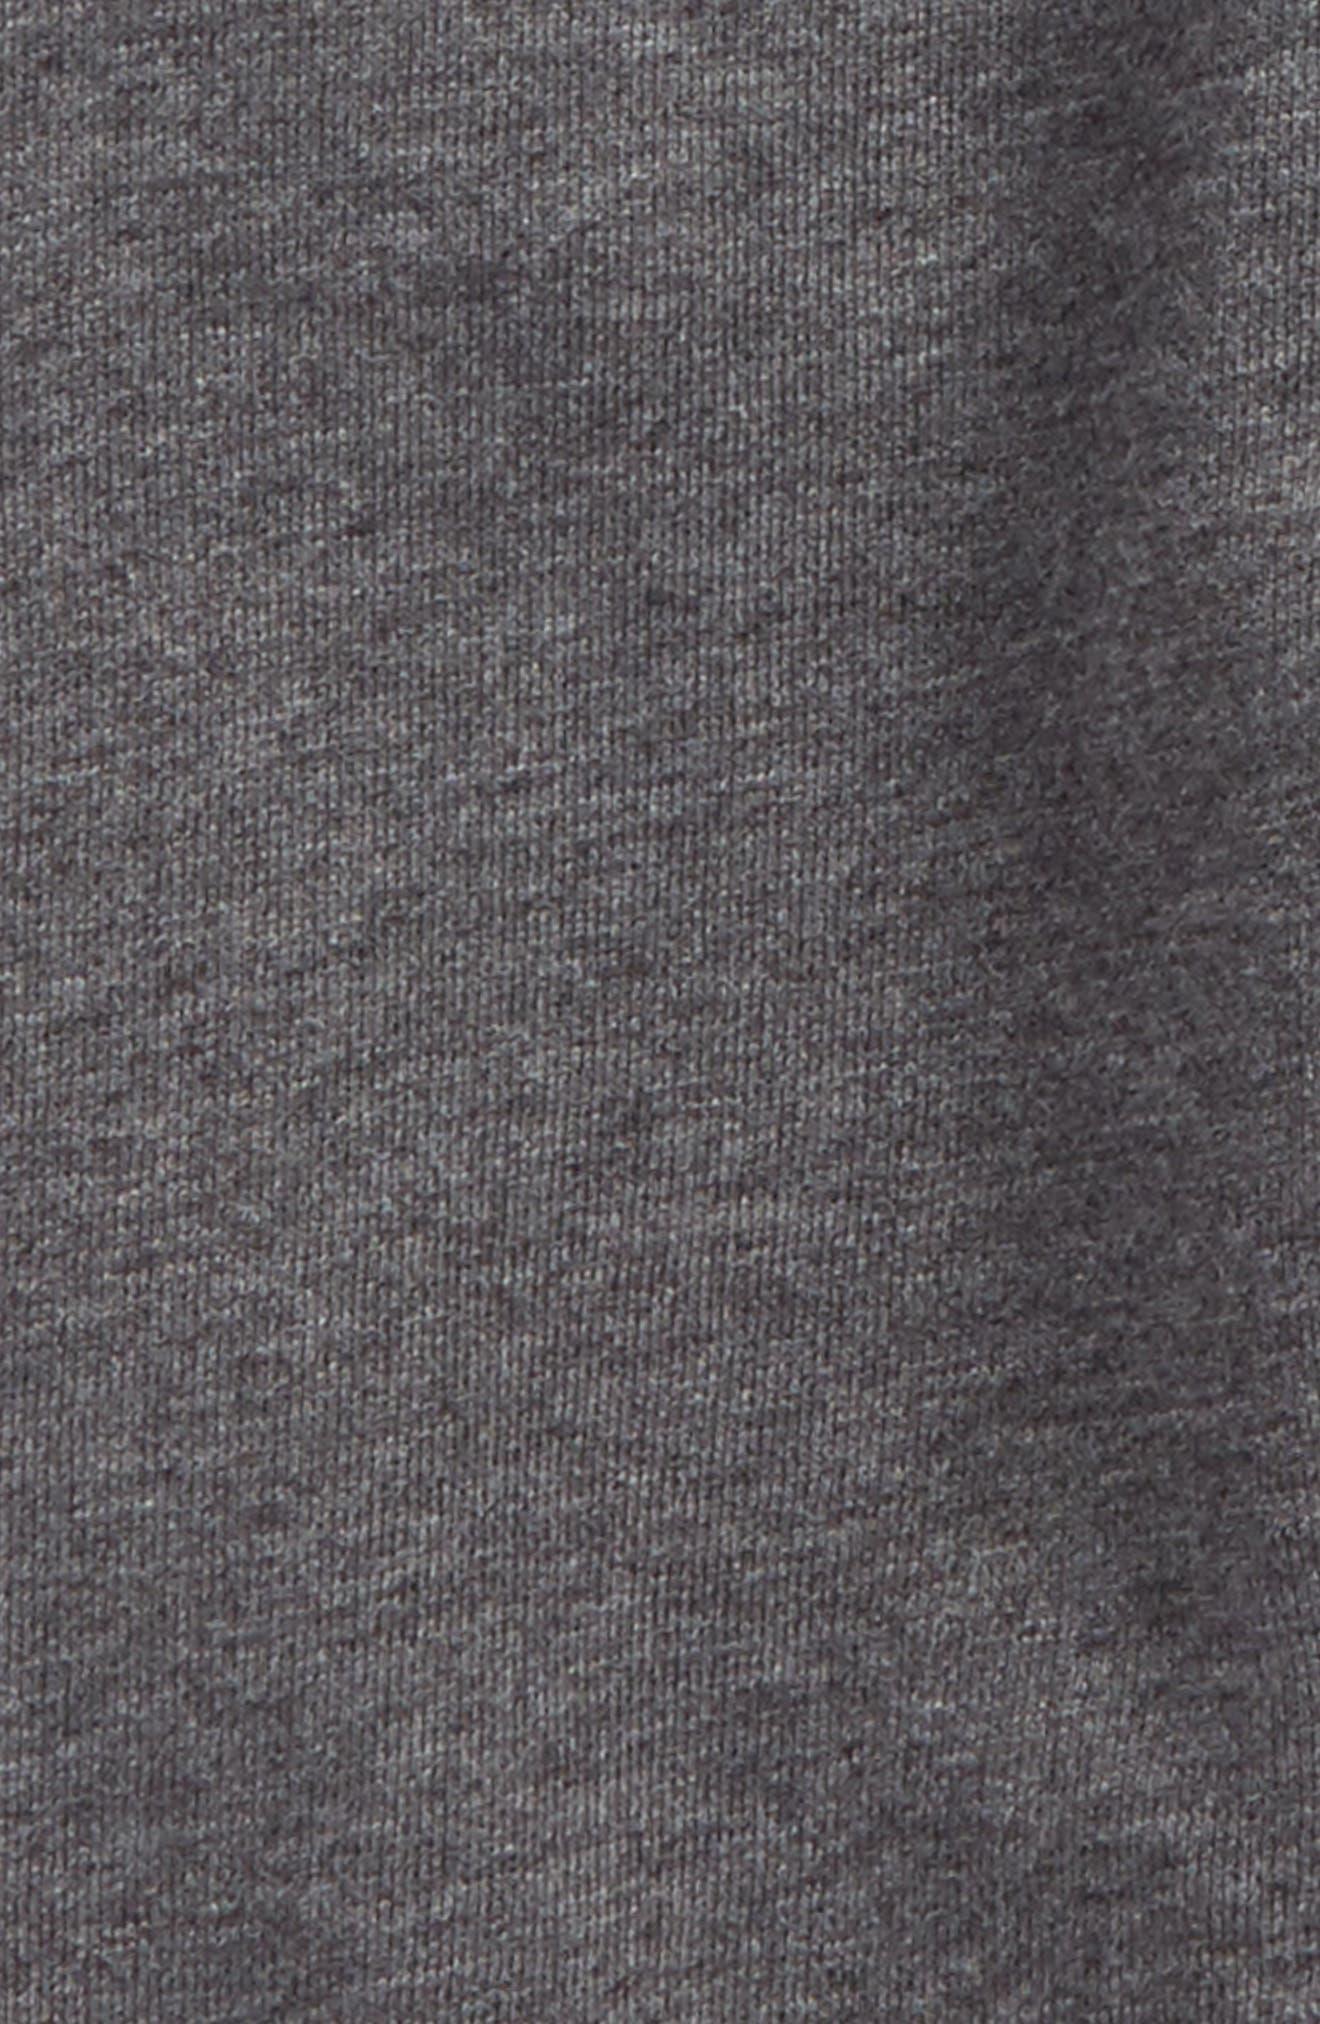 Mini Phill Jogger Sweatpants,                             Alternate thumbnail 2, color,                             Charcoal Melange